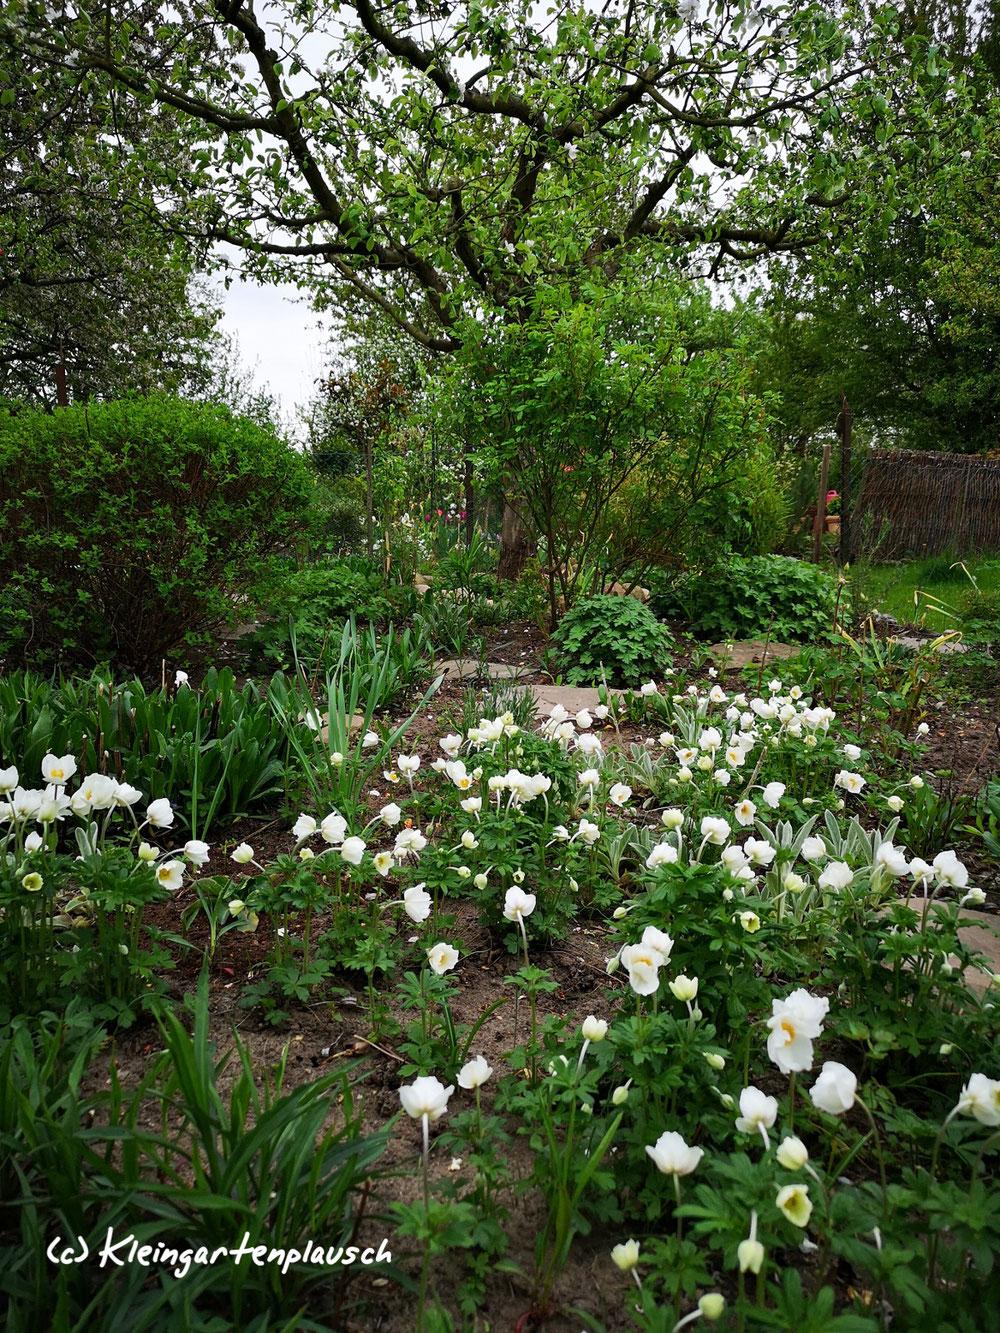 Immer eine Frühlingsschau: die hohen Buschwindröschen! Anspruchslos und trockenheitsresistent. Aber Vorsicht, es sind zähe kleine Biester, die sich auch bis in den Rasen hinein ausbreiten können.